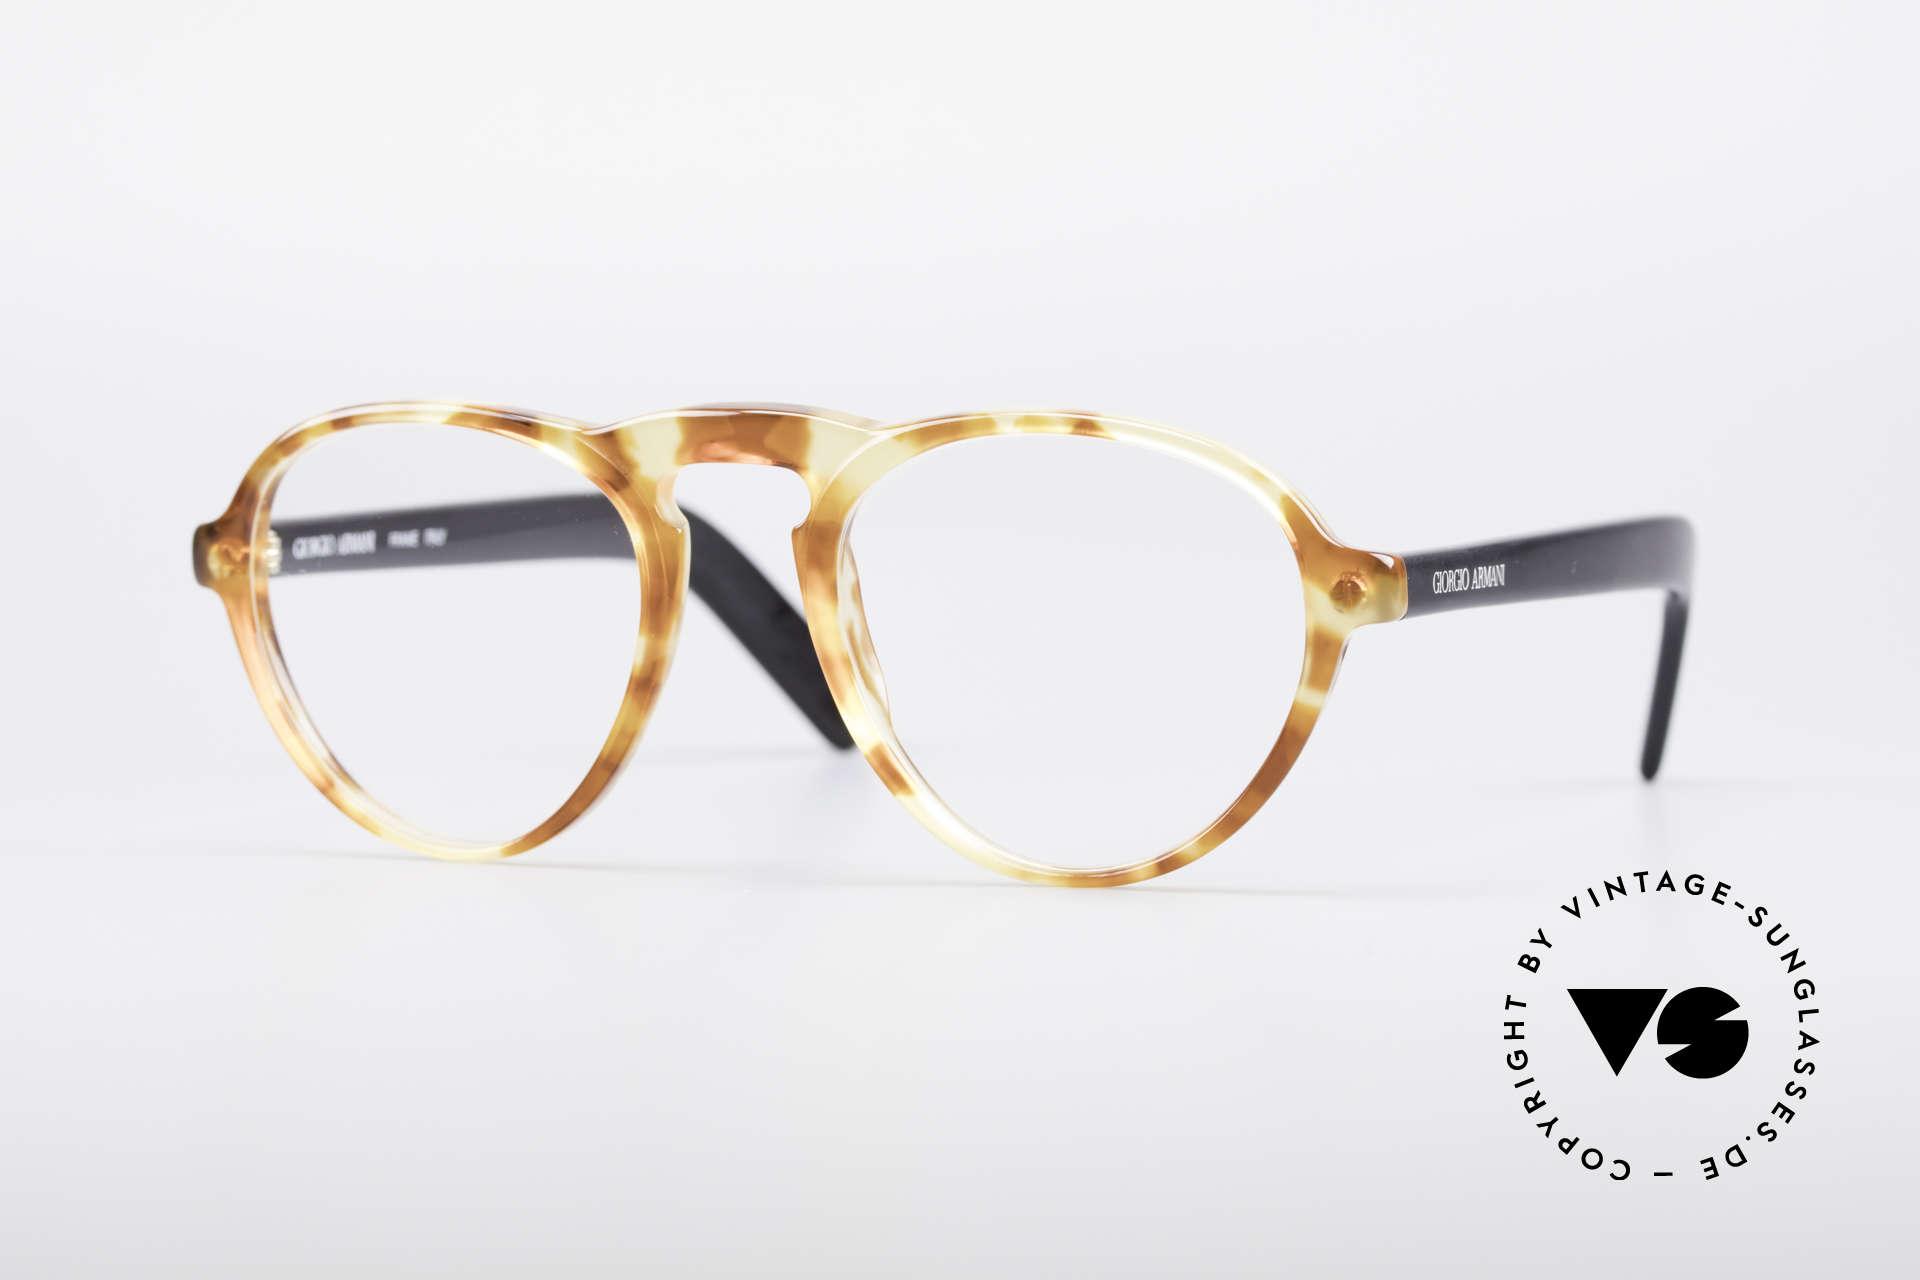 """Giorgio Armani 315 Zeitlose Vintage Fassung, """"true vintage"""" Brillenfassung von GIORGIO ARMANI, Passend für Herren"""